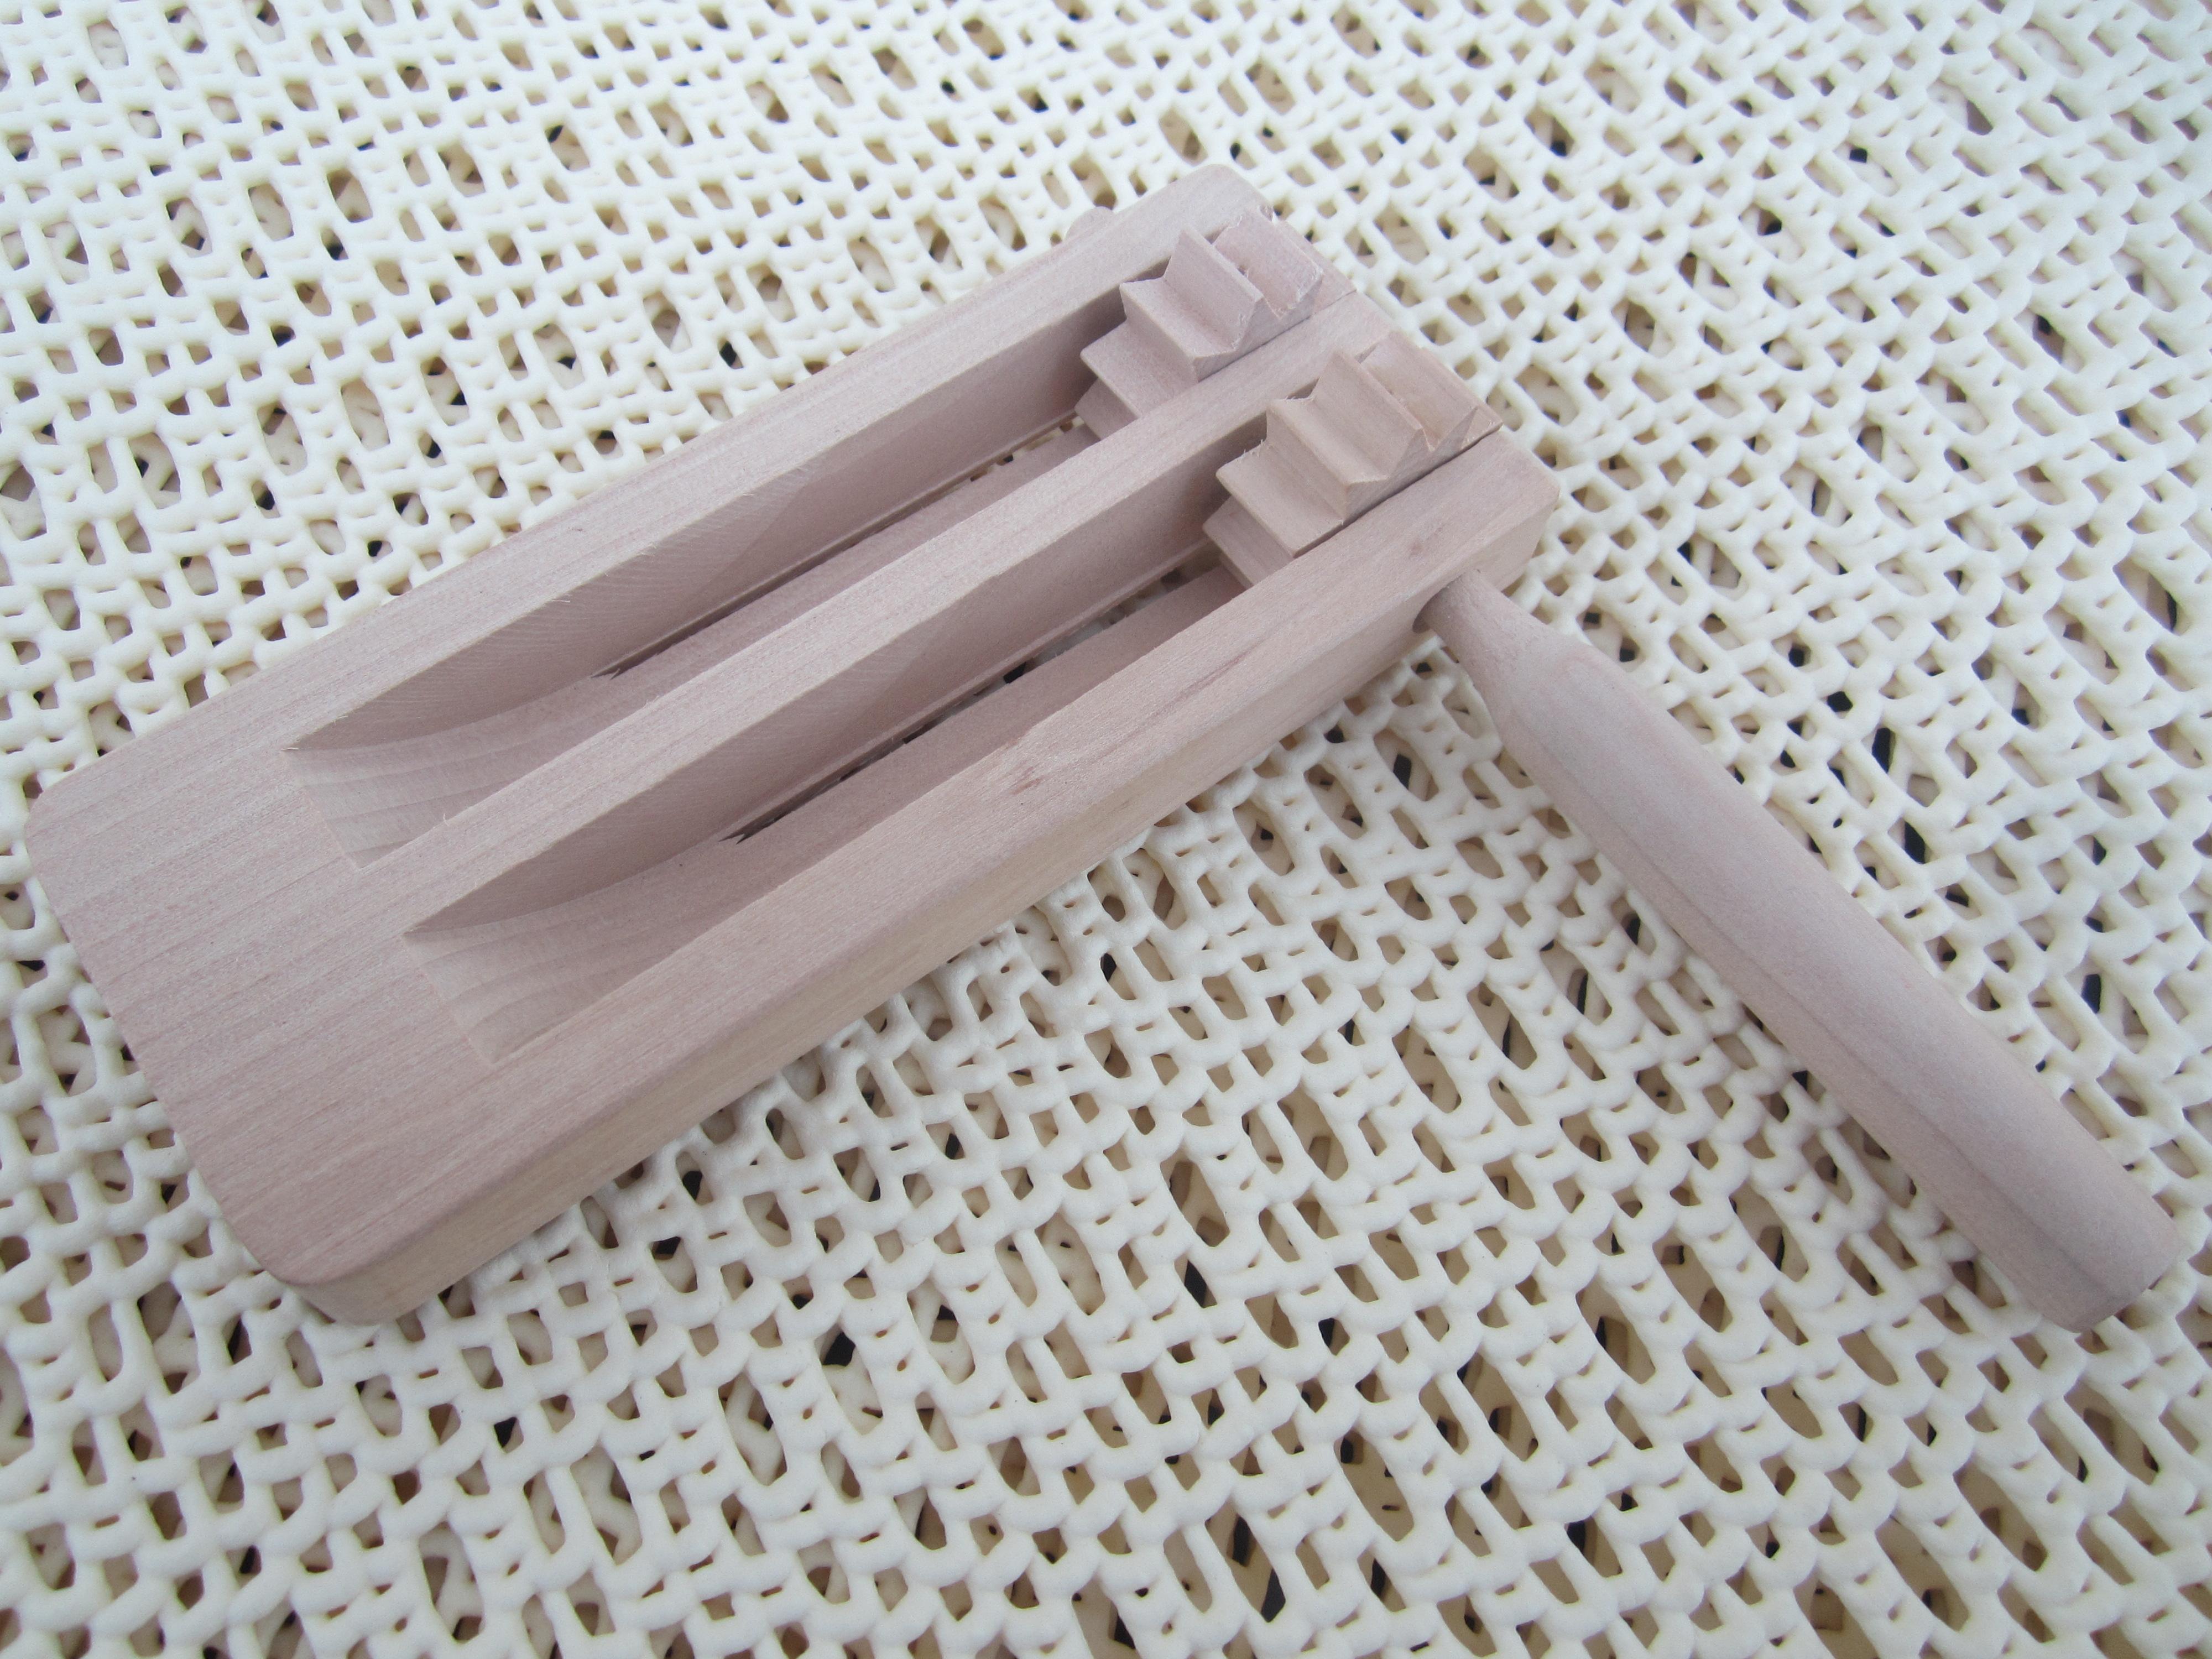 doppel ratschenatter r tsche knarre ratsche holzratsche aus holz online kaufen. Black Bedroom Furniture Sets. Home Design Ideas